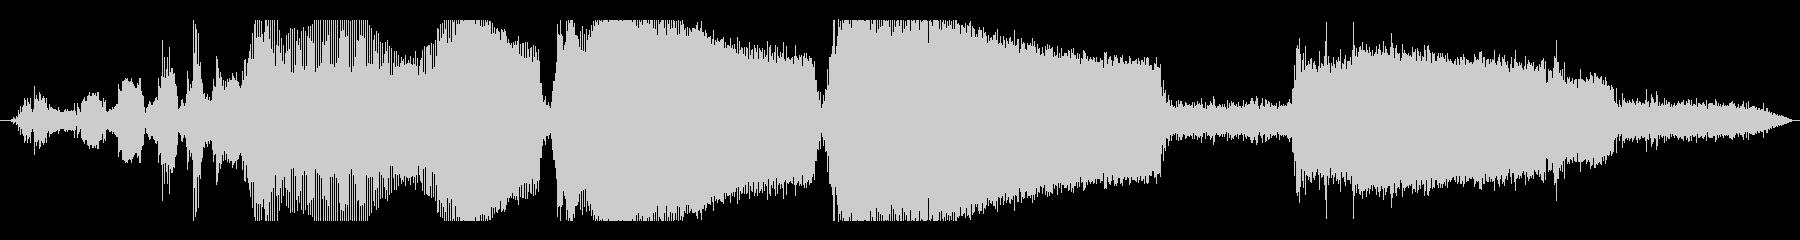 車 オペルカデット高速加速ギアシフト01の未再生の波形